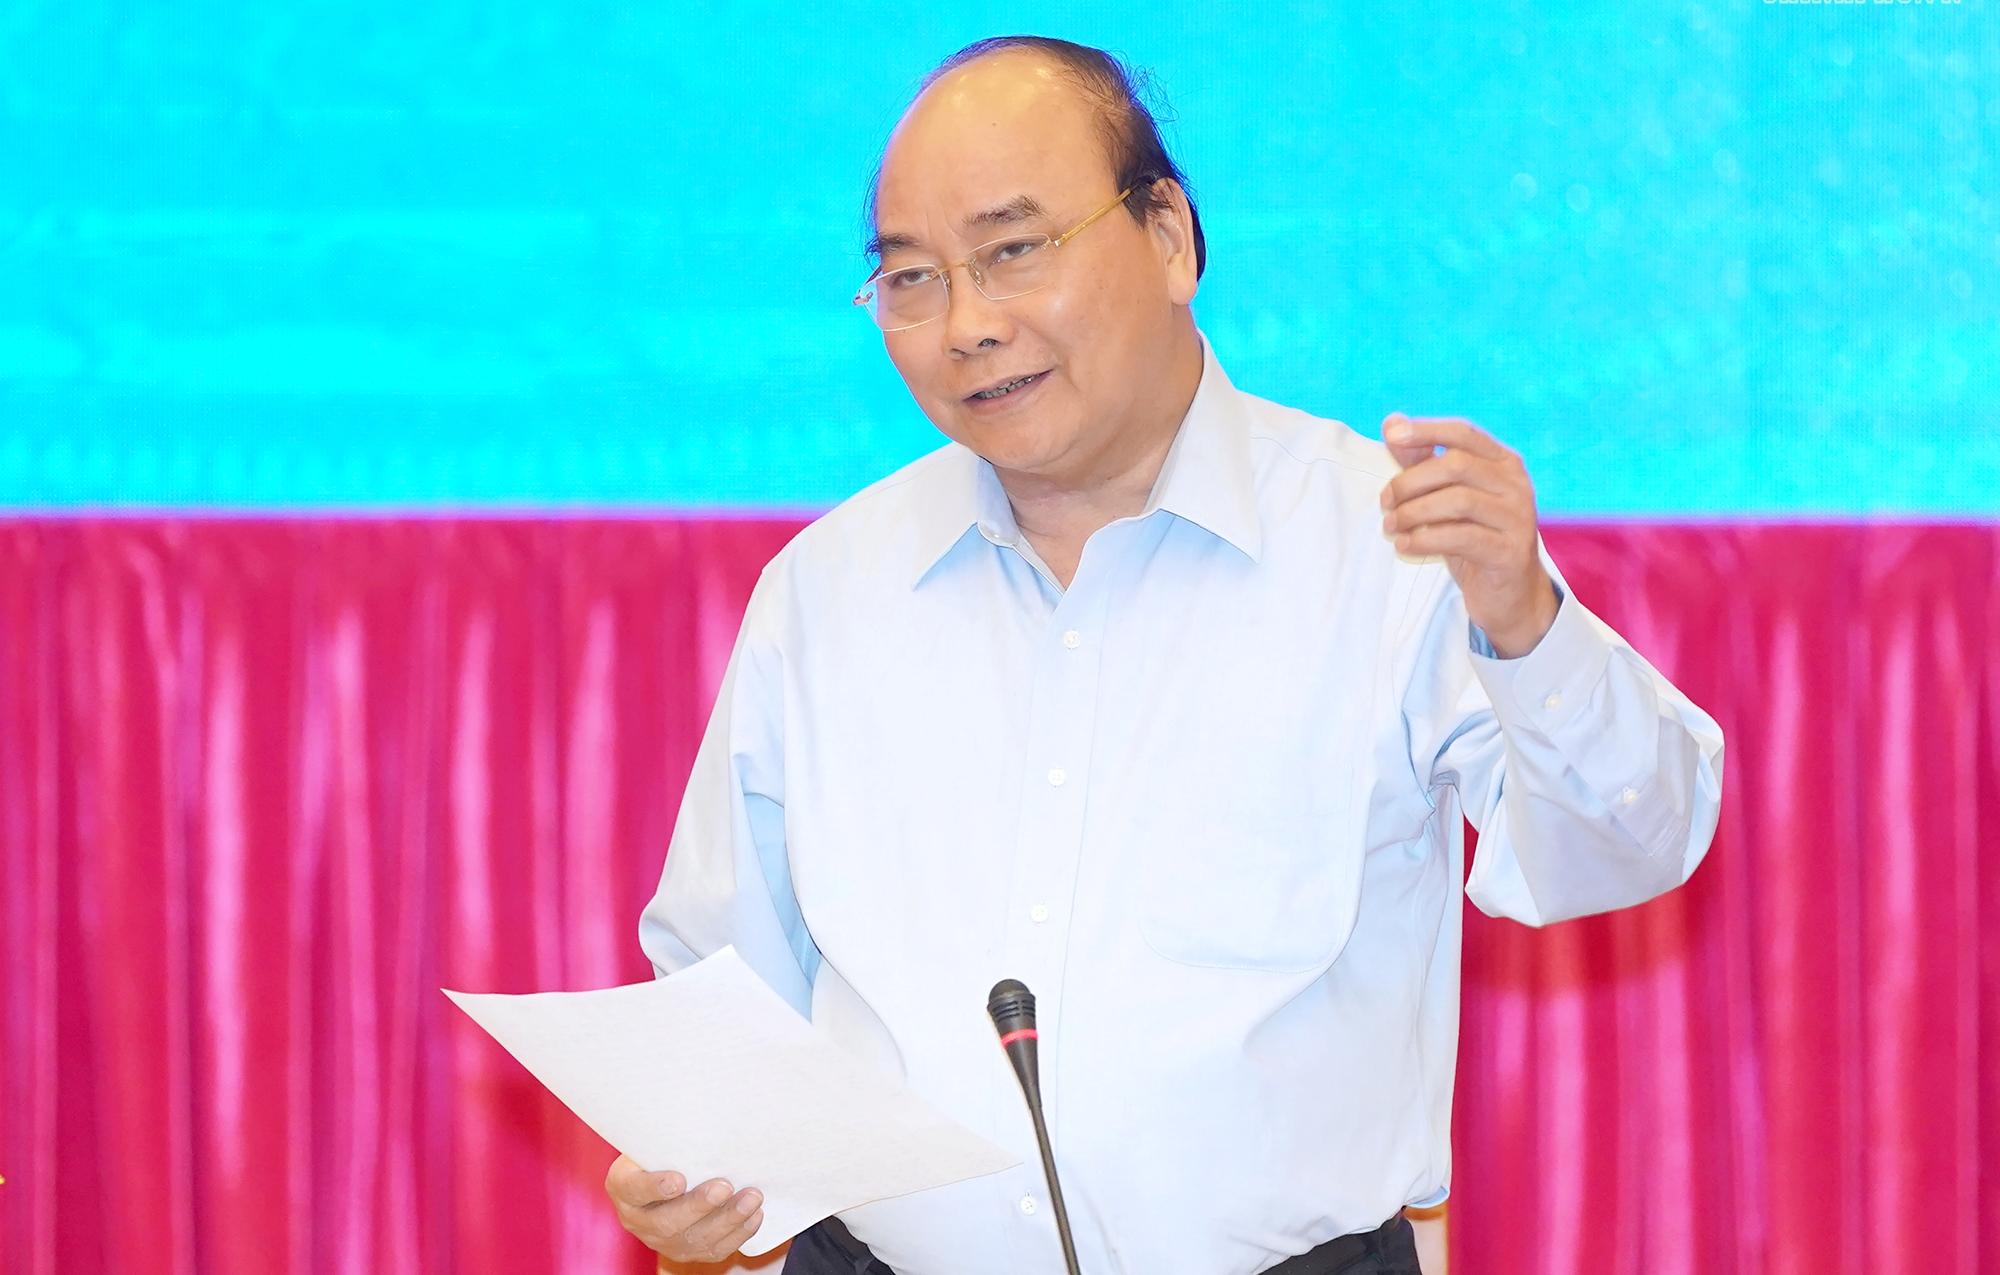 Tiếp tục kiên định 3 đột phá chiến lược đối với các tỉnh miền Trung, Tây Nguyên 📹